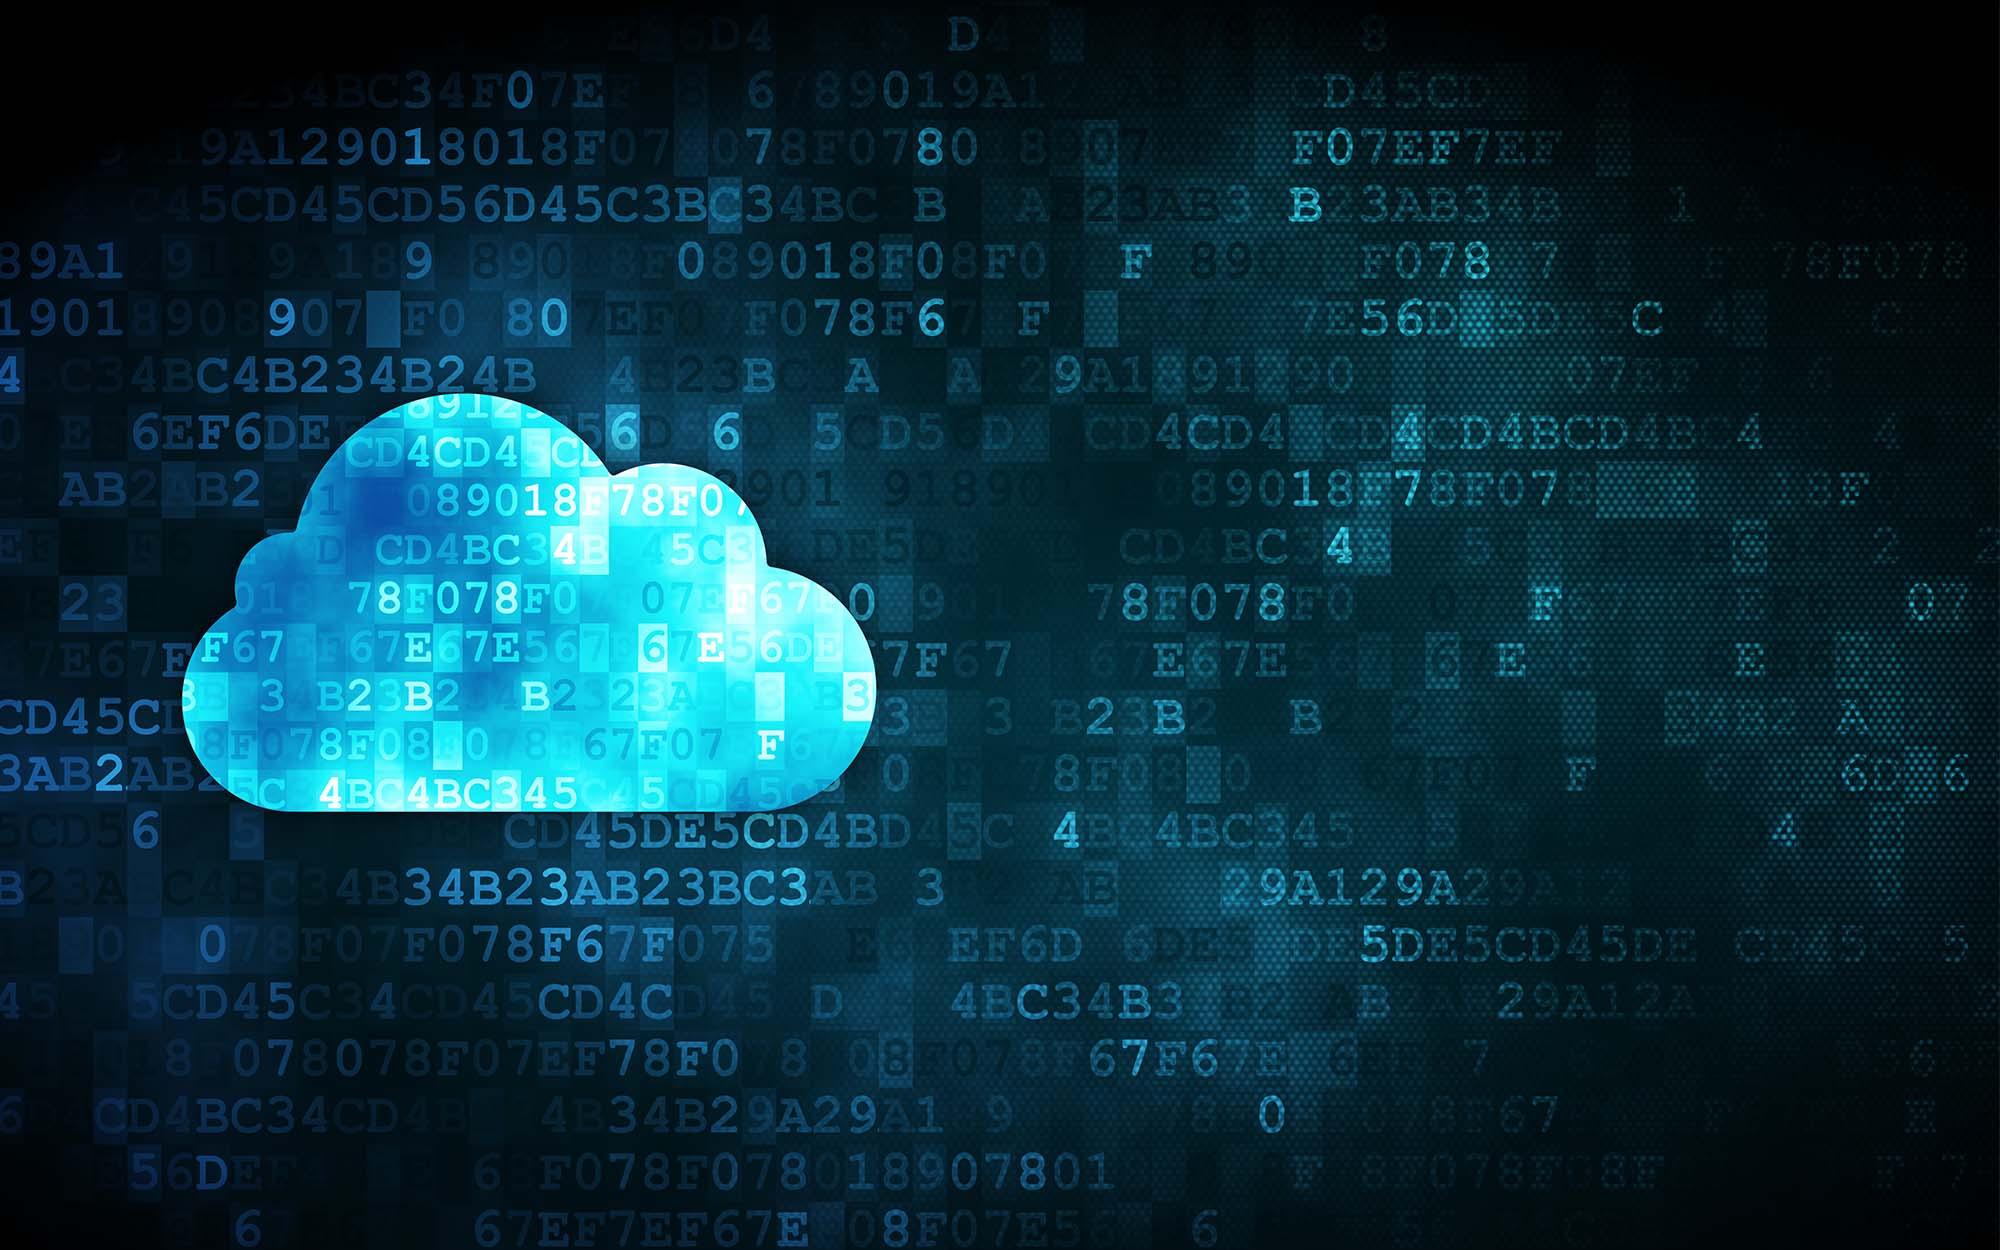 Мошенники используют облачные сервисы Oracle и Amazon в целях фишинга